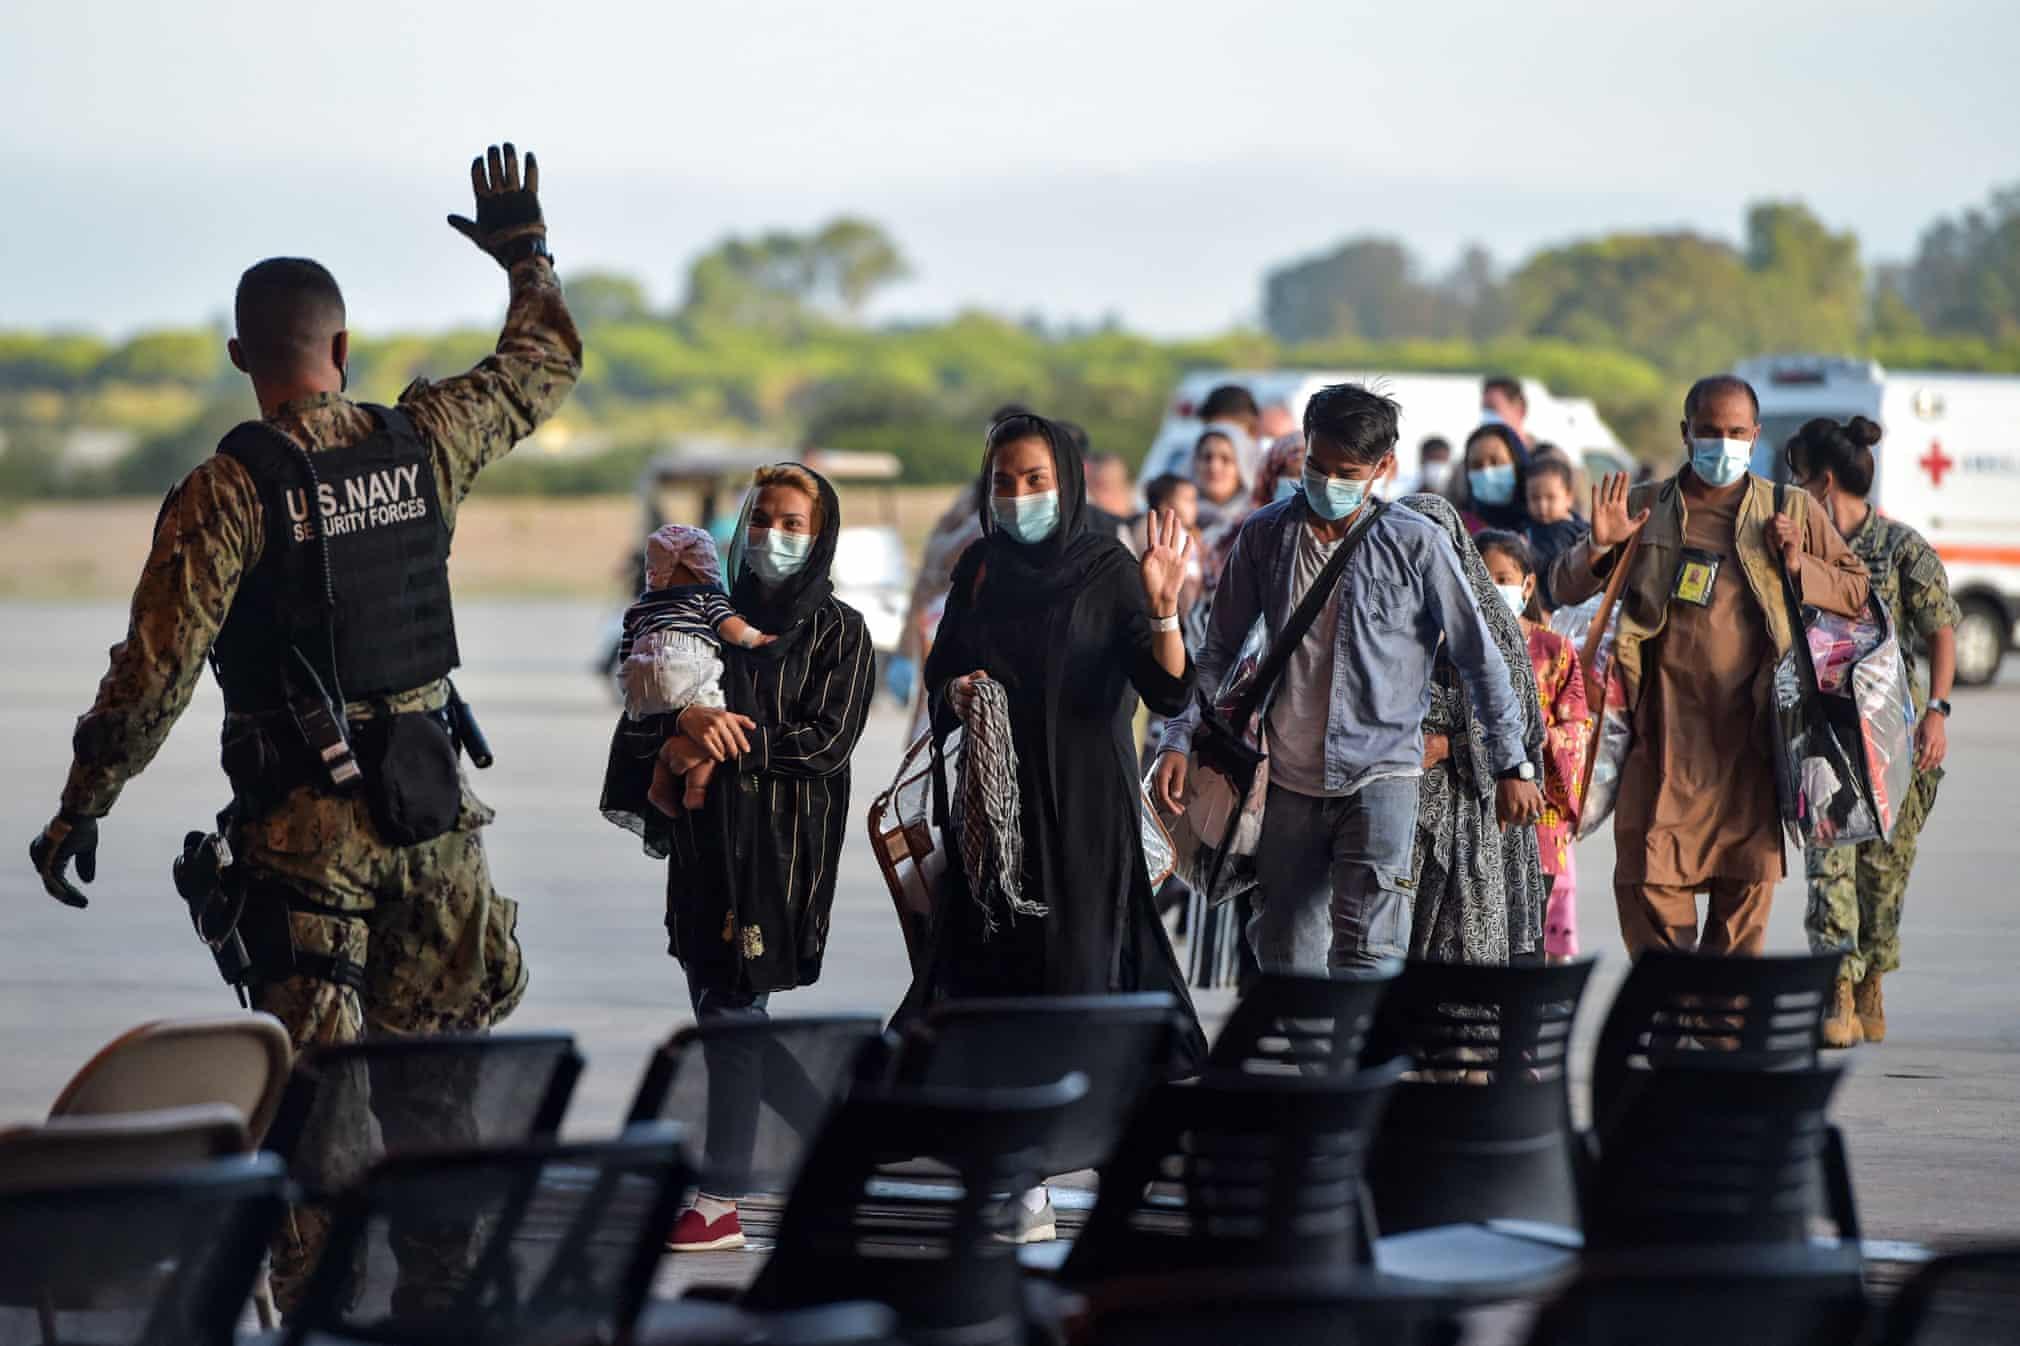 مهاجران افغانستانی در جنوب اسپانیا + عکس